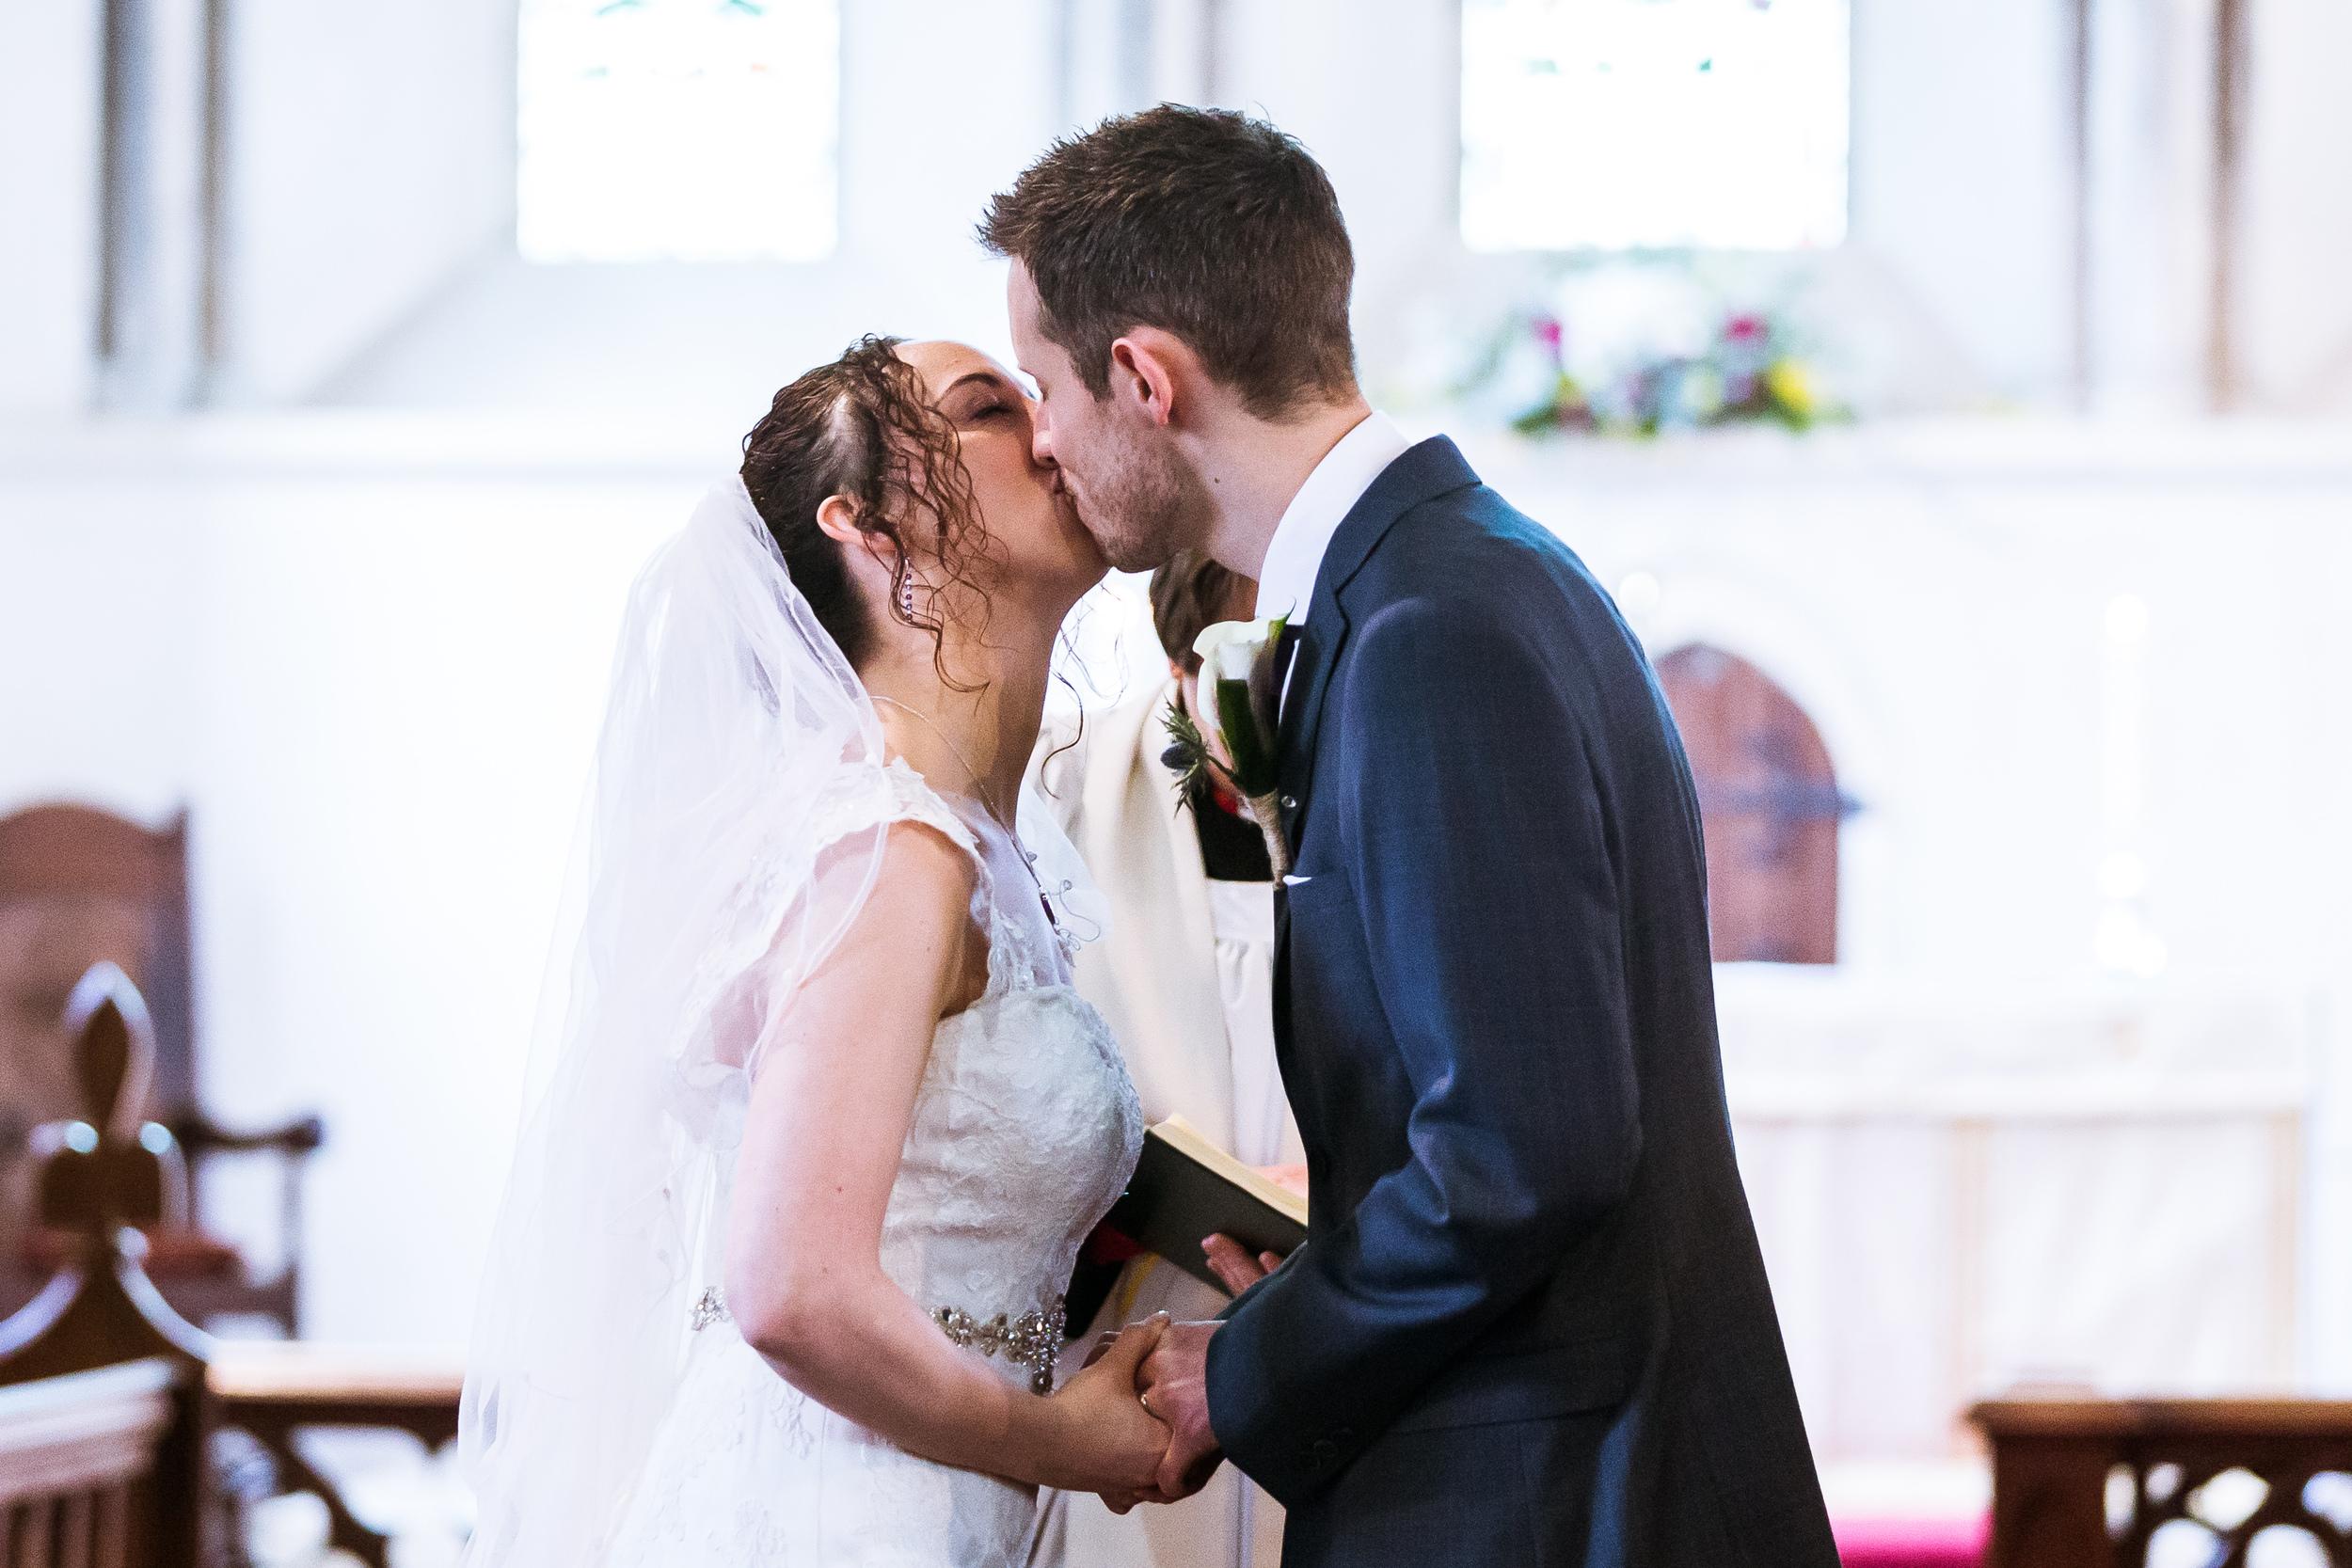 First Kiss - Wedding Photographer